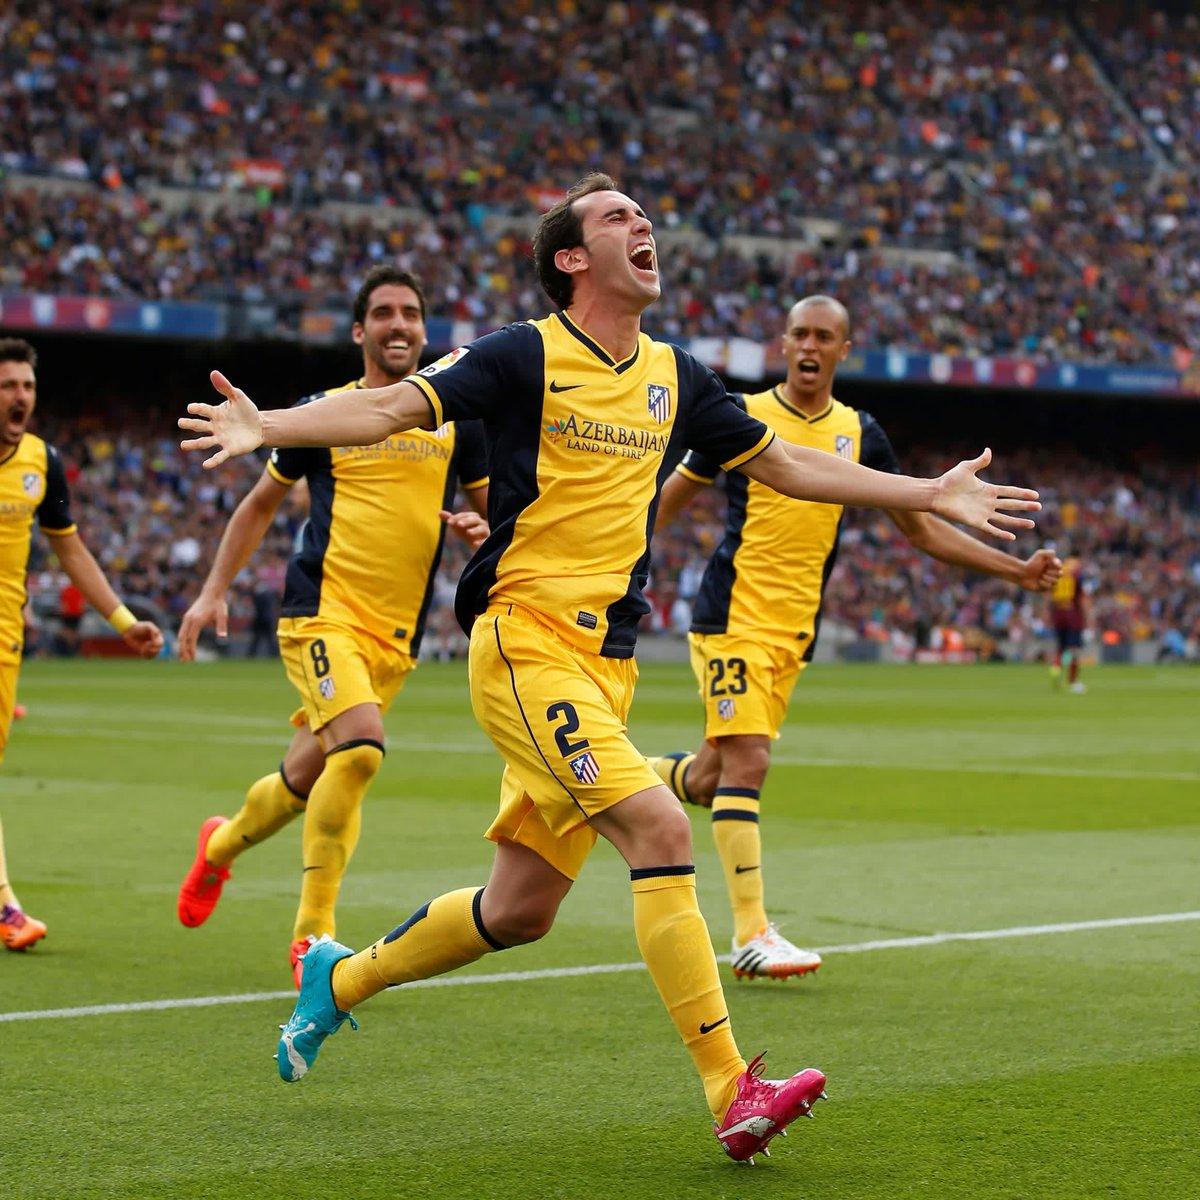 Las lesiones de Costa y Arda, el gol de Alexis Sánchez... Todo parecía perdido hasta que ¡la cabeza de @diegogodin apareció en el Camp Nou para hacer campeón de #LaLiga al @Atleti 18 años después! 😍🏆 #BarçaAtleti